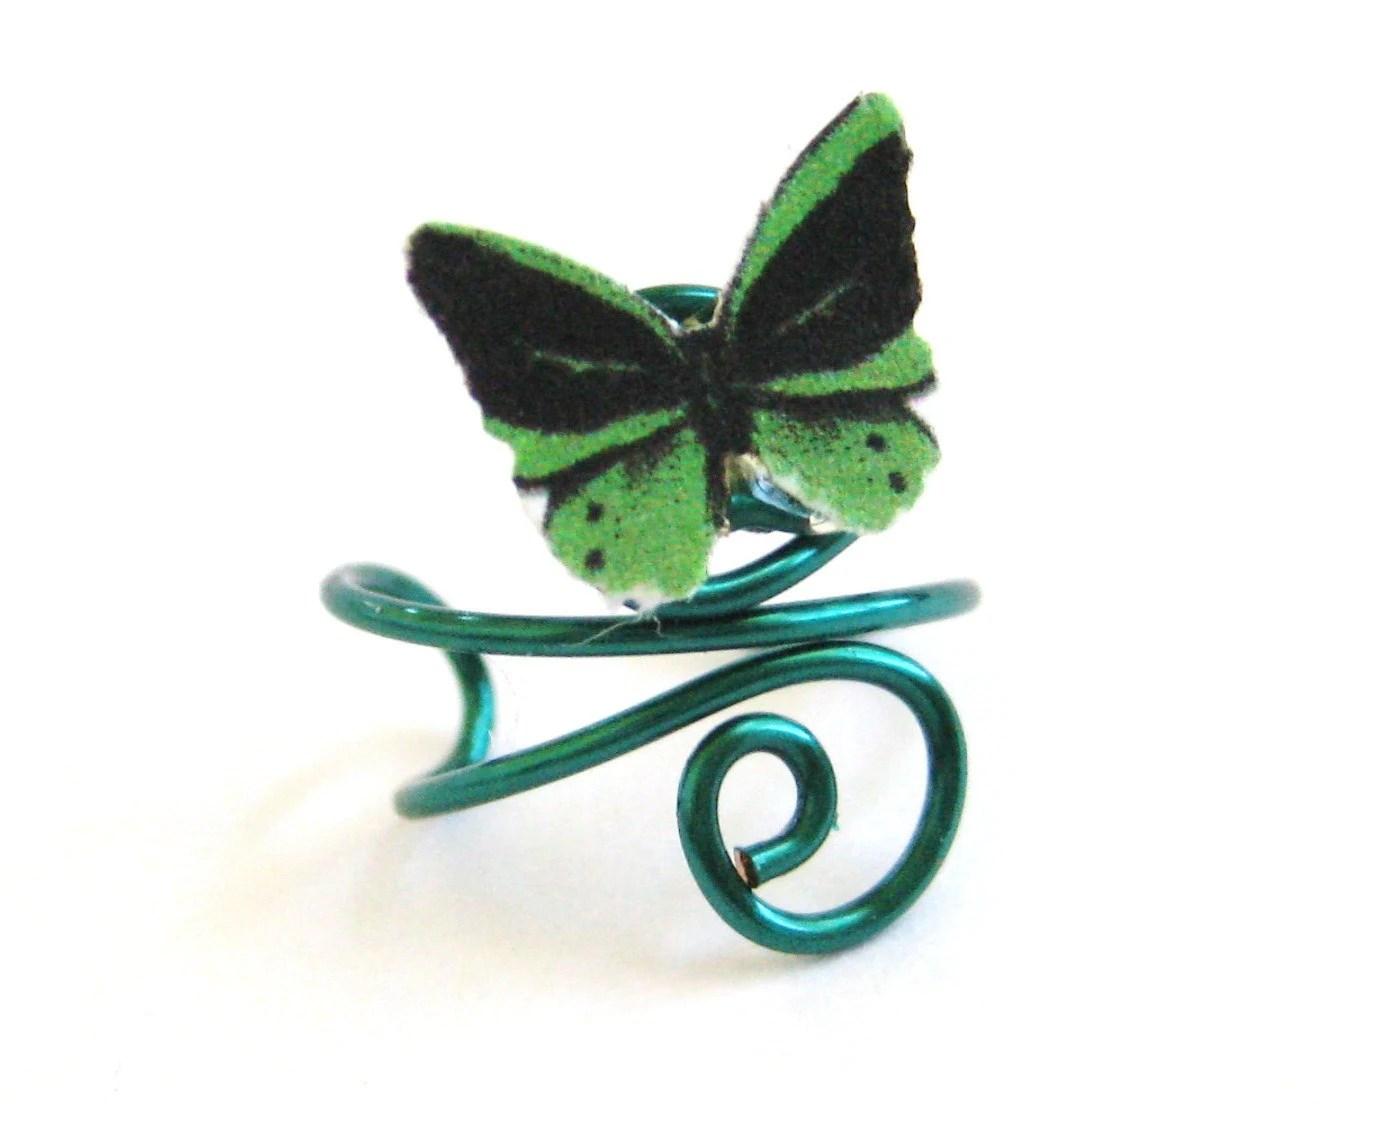 Ear Cuff Earcuff Dark Green Sexy Butterfly Ear Vine Cuff - SpotLightJewelry